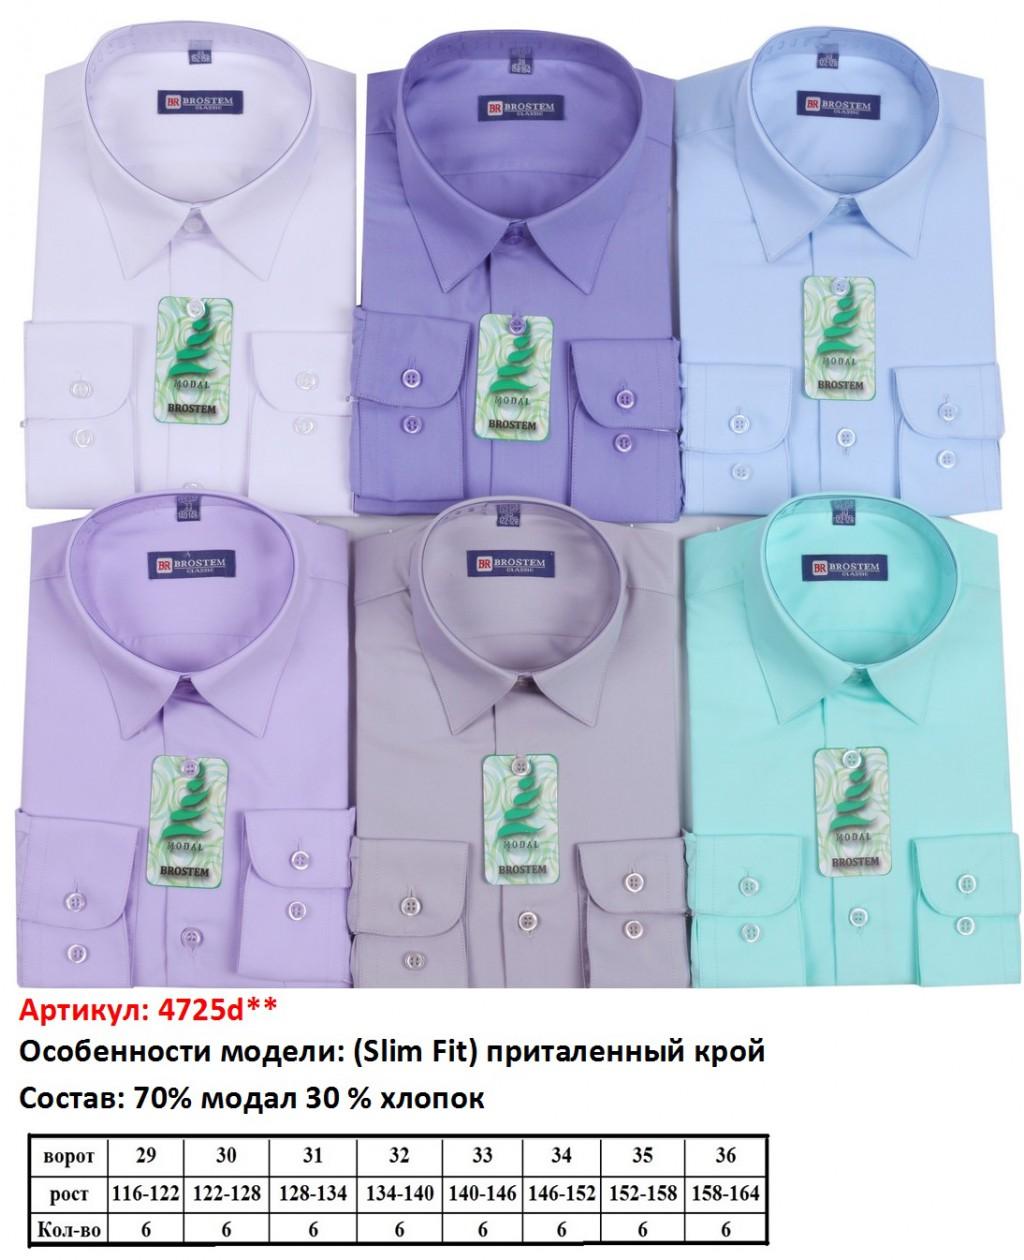 Сбор заказов. Классика для мальчиков. Рубашки Brostem, Formax длинный и короткий рукав, галстуки. Ряды. Выкуп - 3